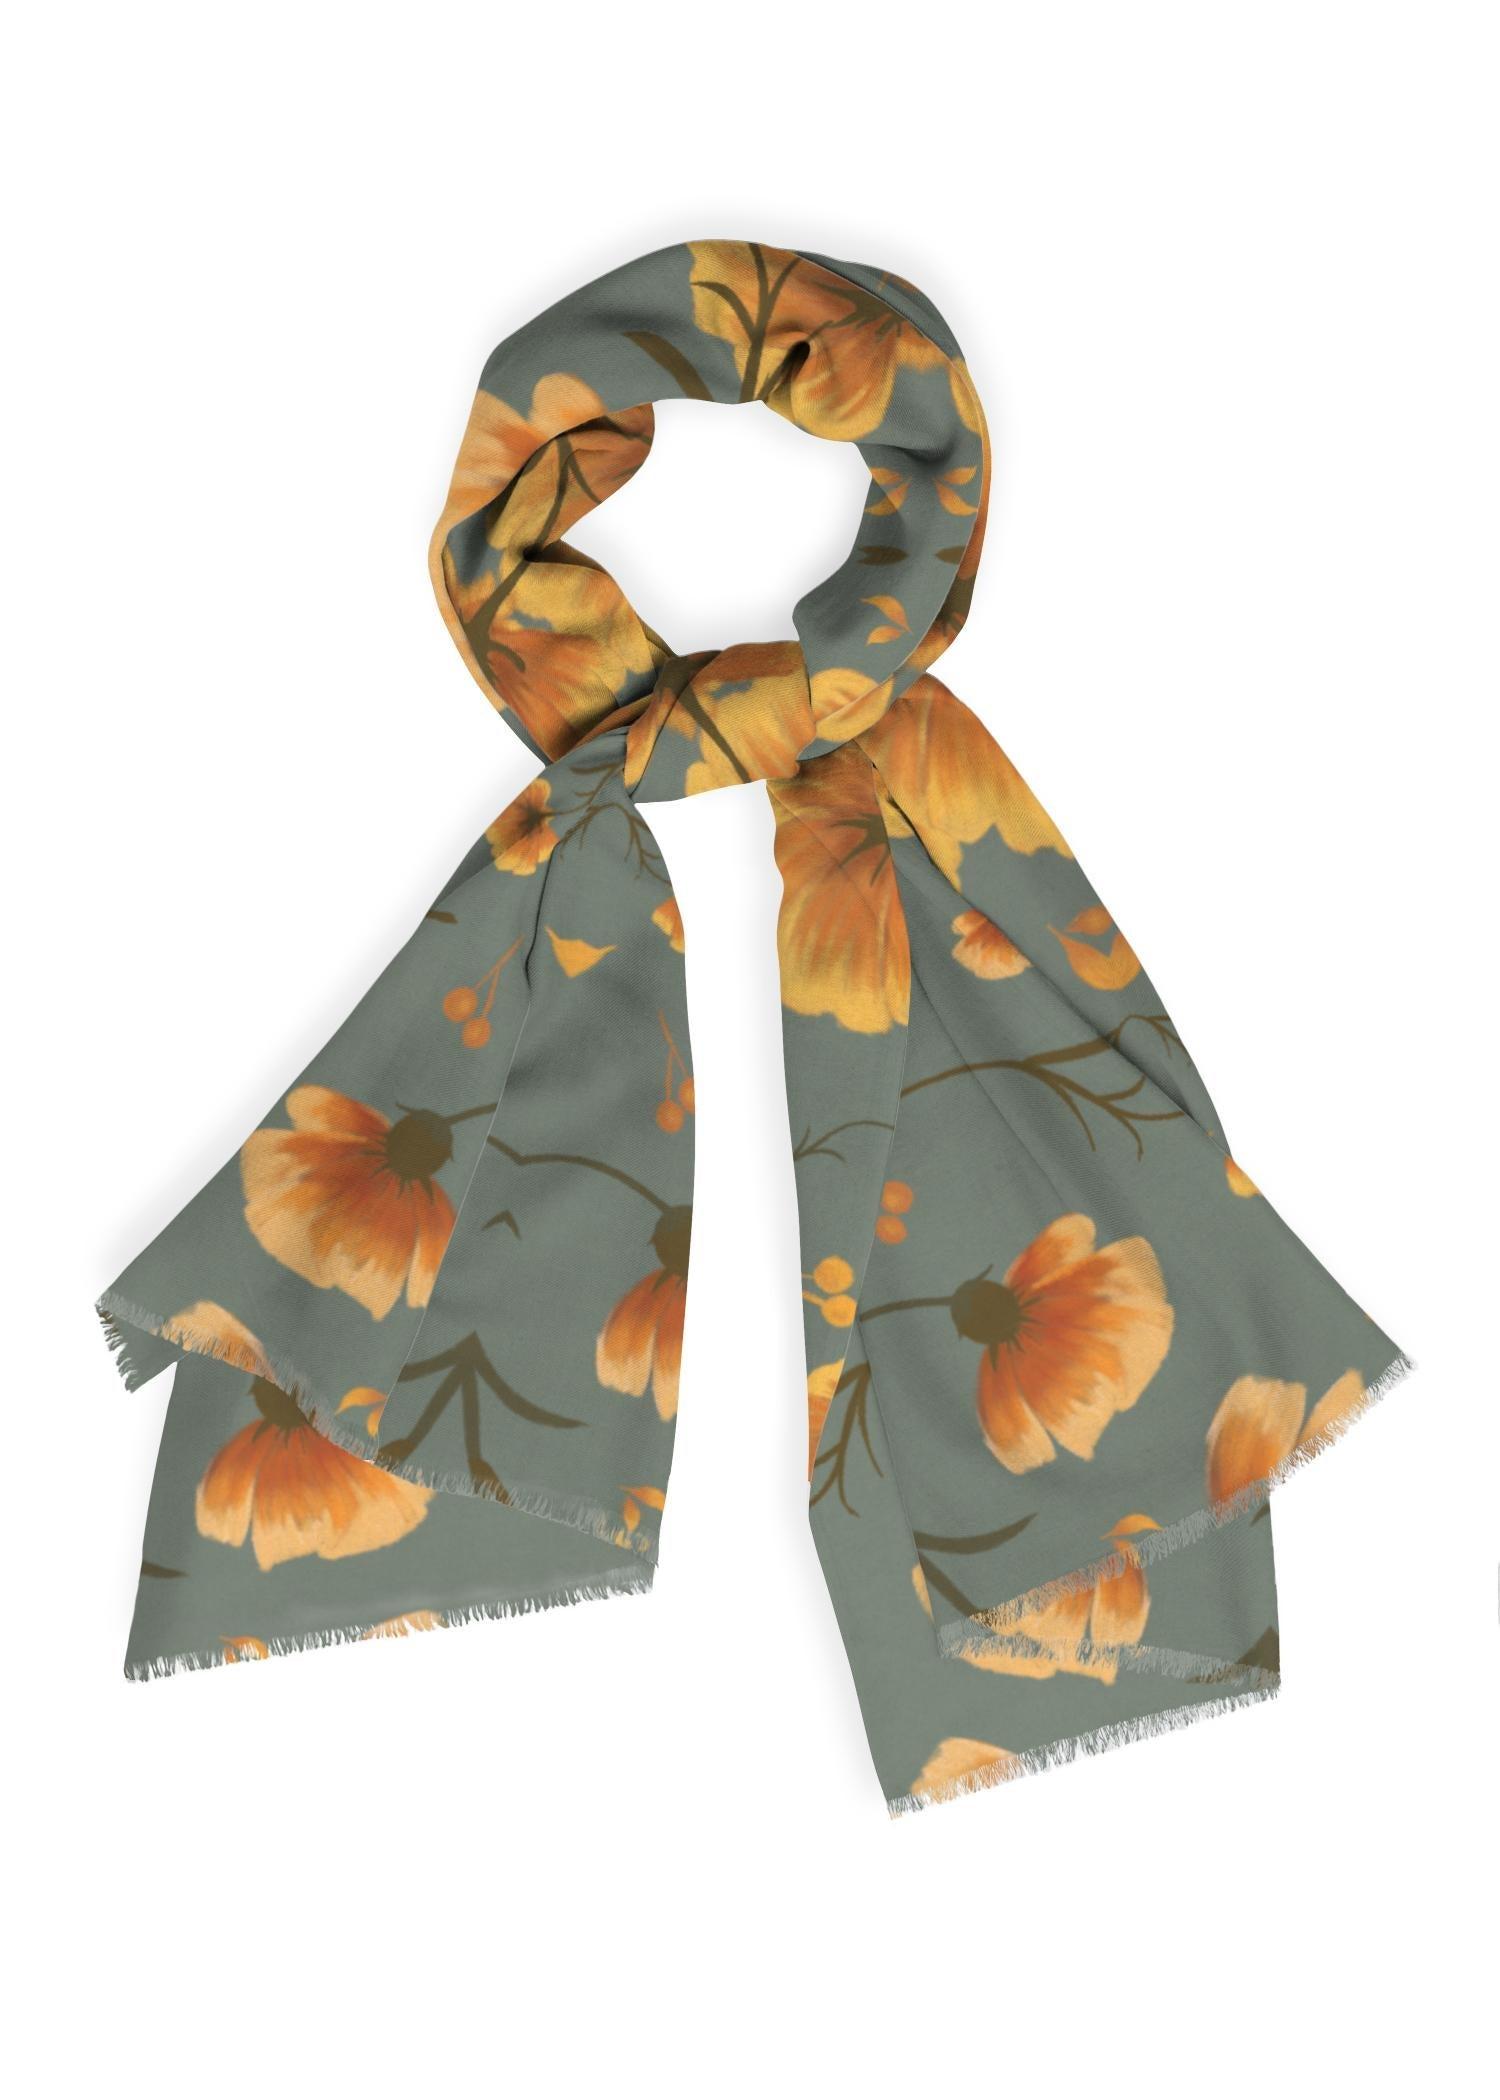 VIDA Cashmere Silk Scarf - Autumn Garden Ii by VIDA Original Artist  - Size: One Size